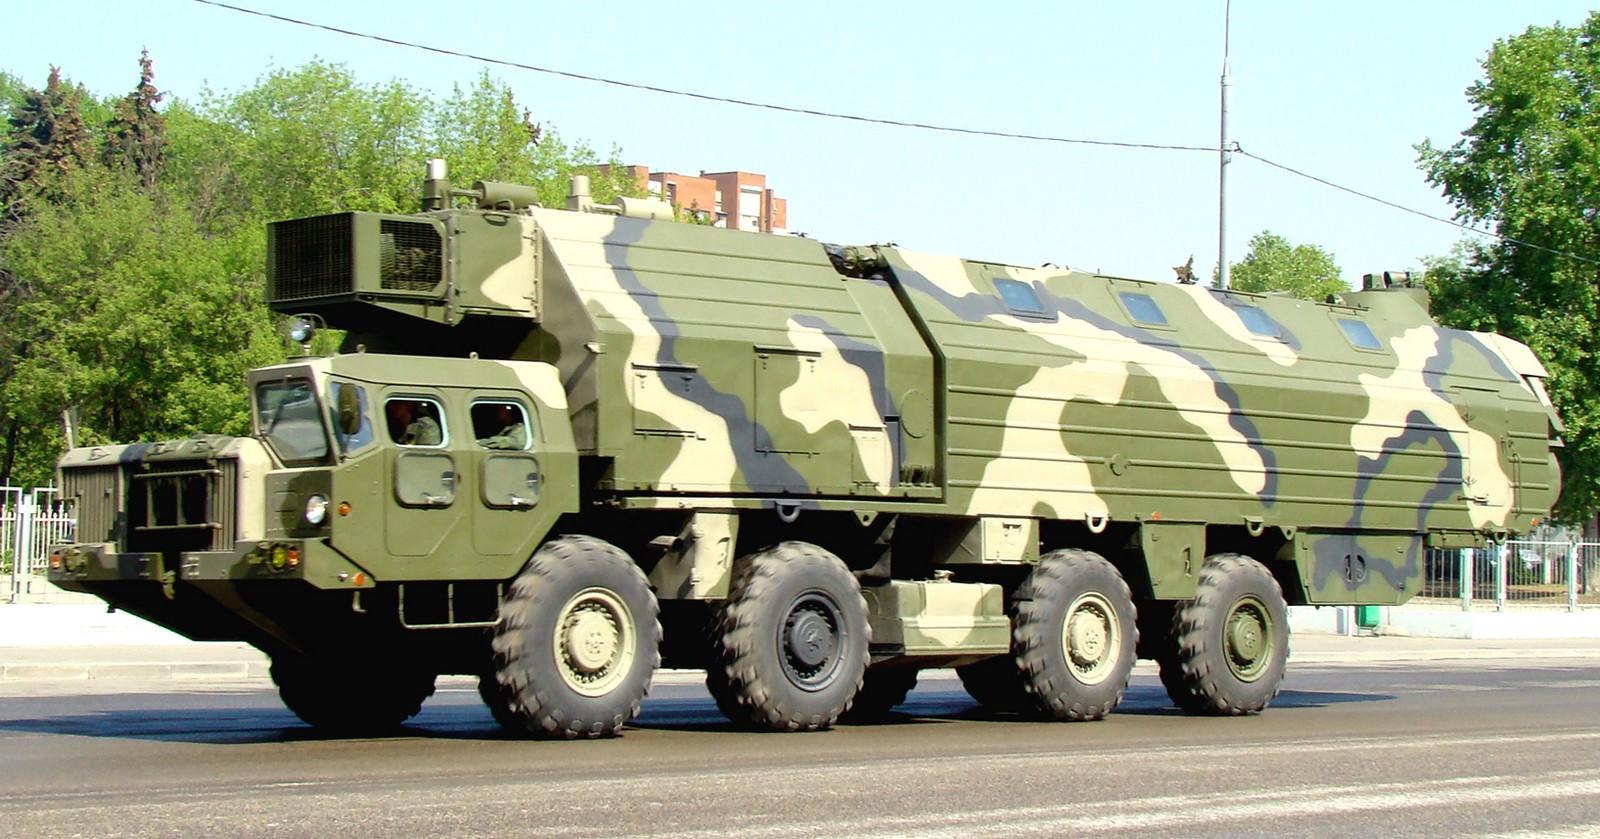 МАЗ - 543, Технические Характеристики, Кабина и Двигатель Автомобиля